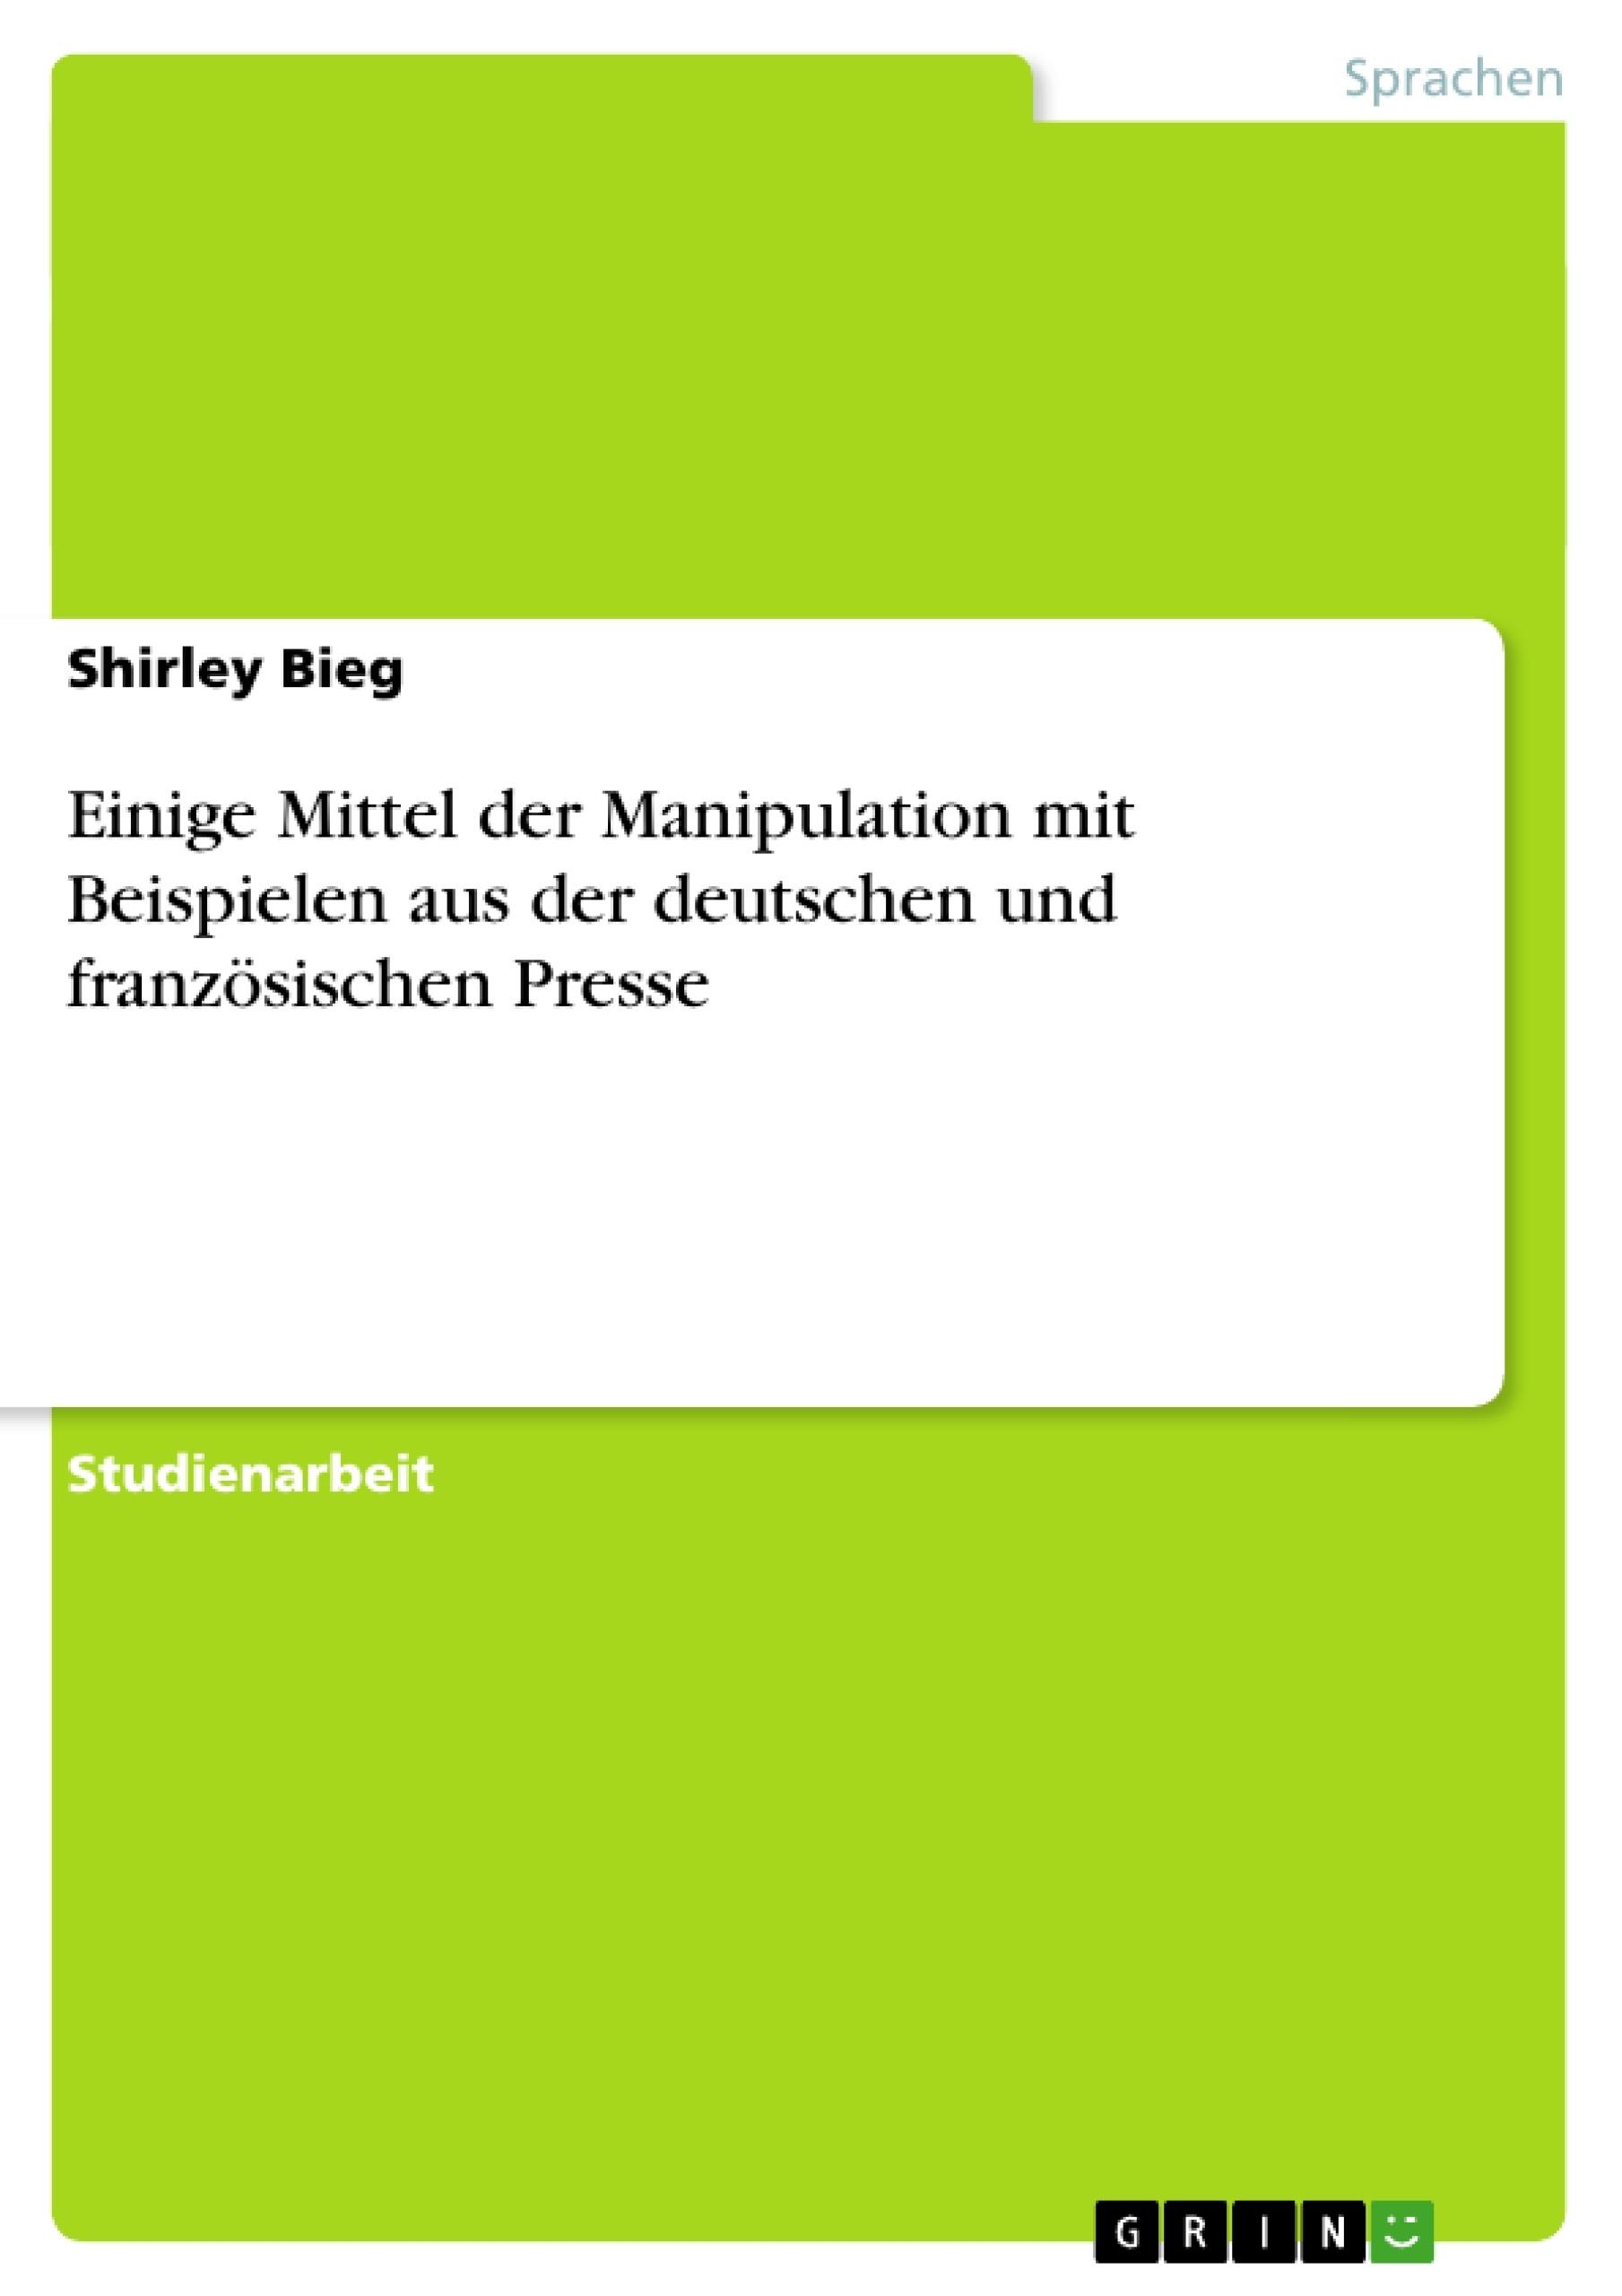 Titel: Einige Mittel der Manipulation mit Beispielen aus der deutschen und französischen Presse